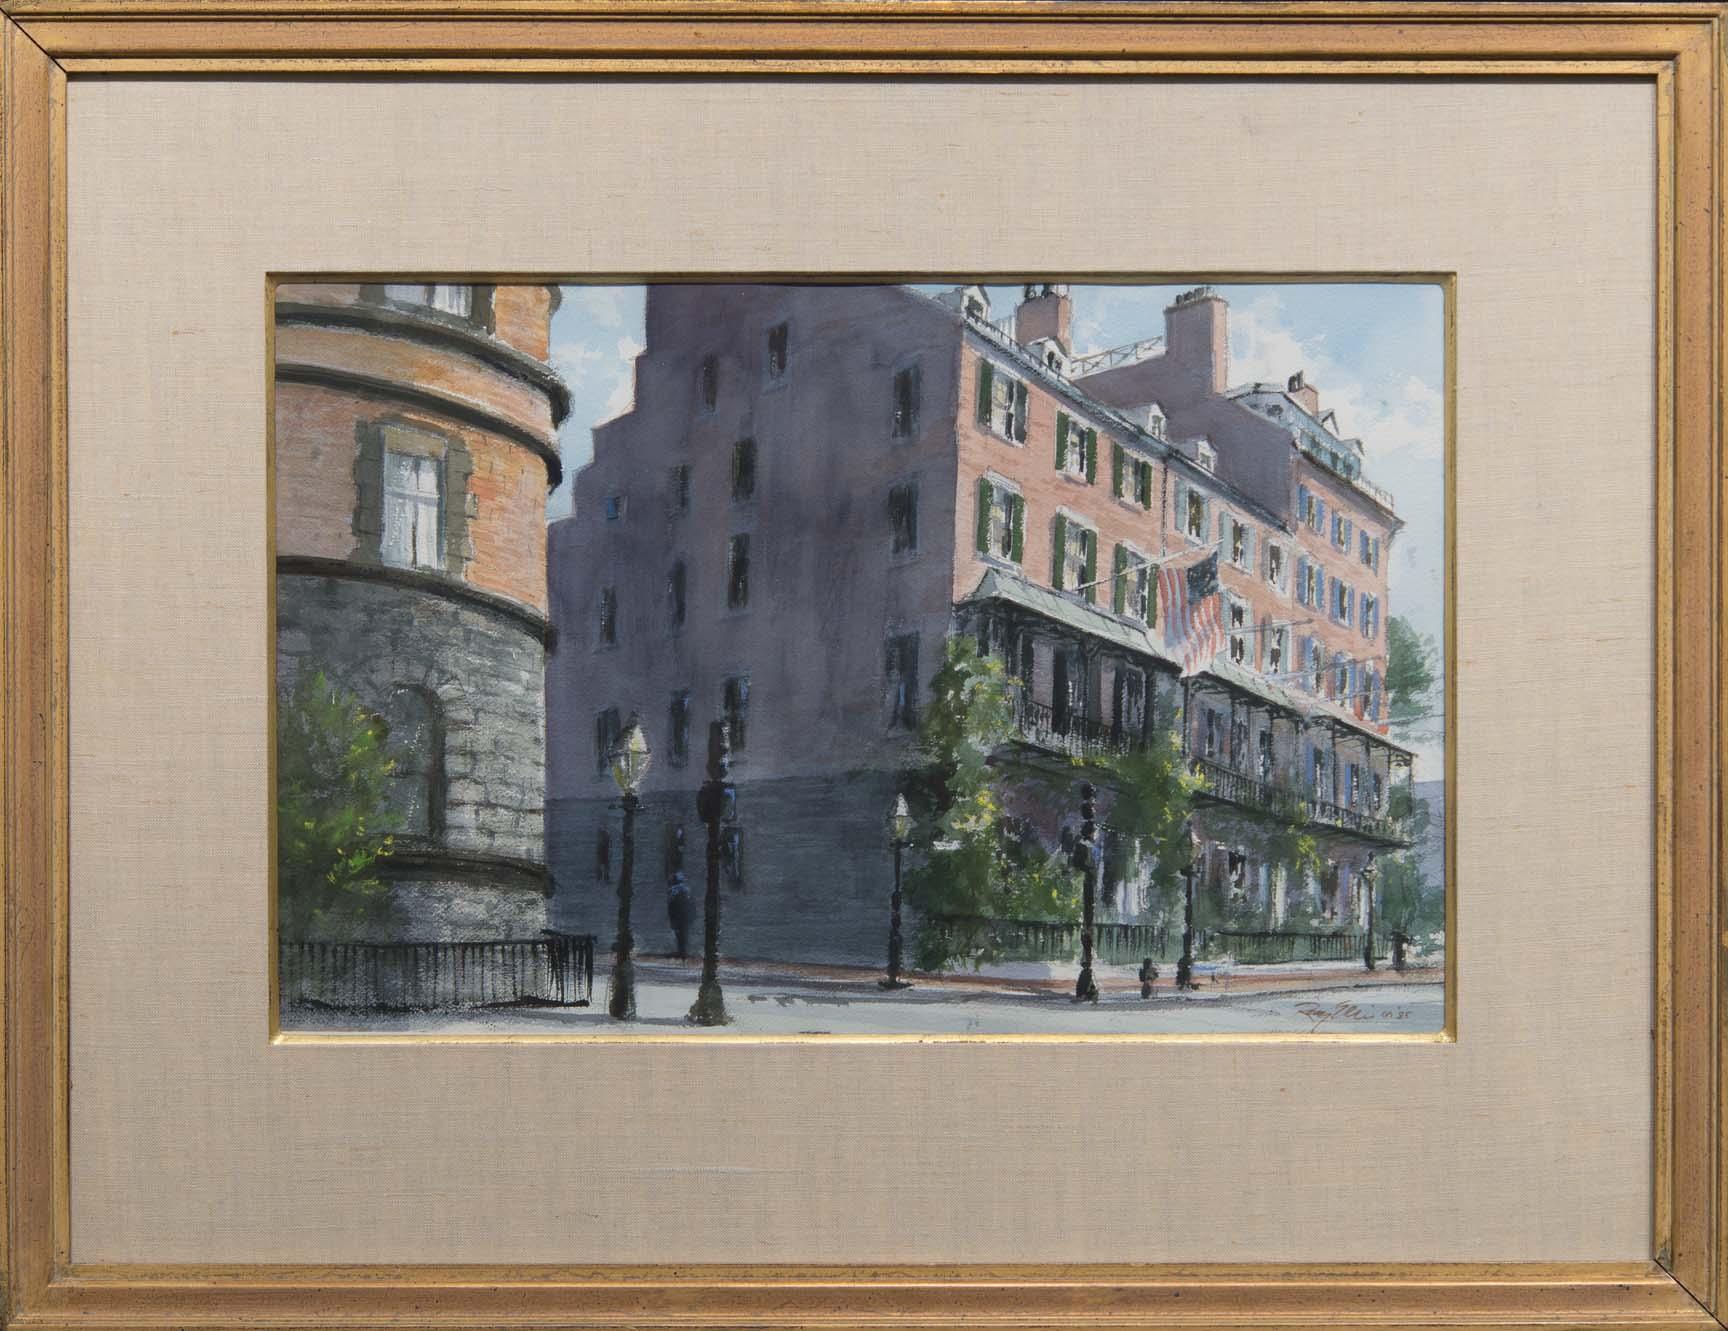 Beacon Street-framed